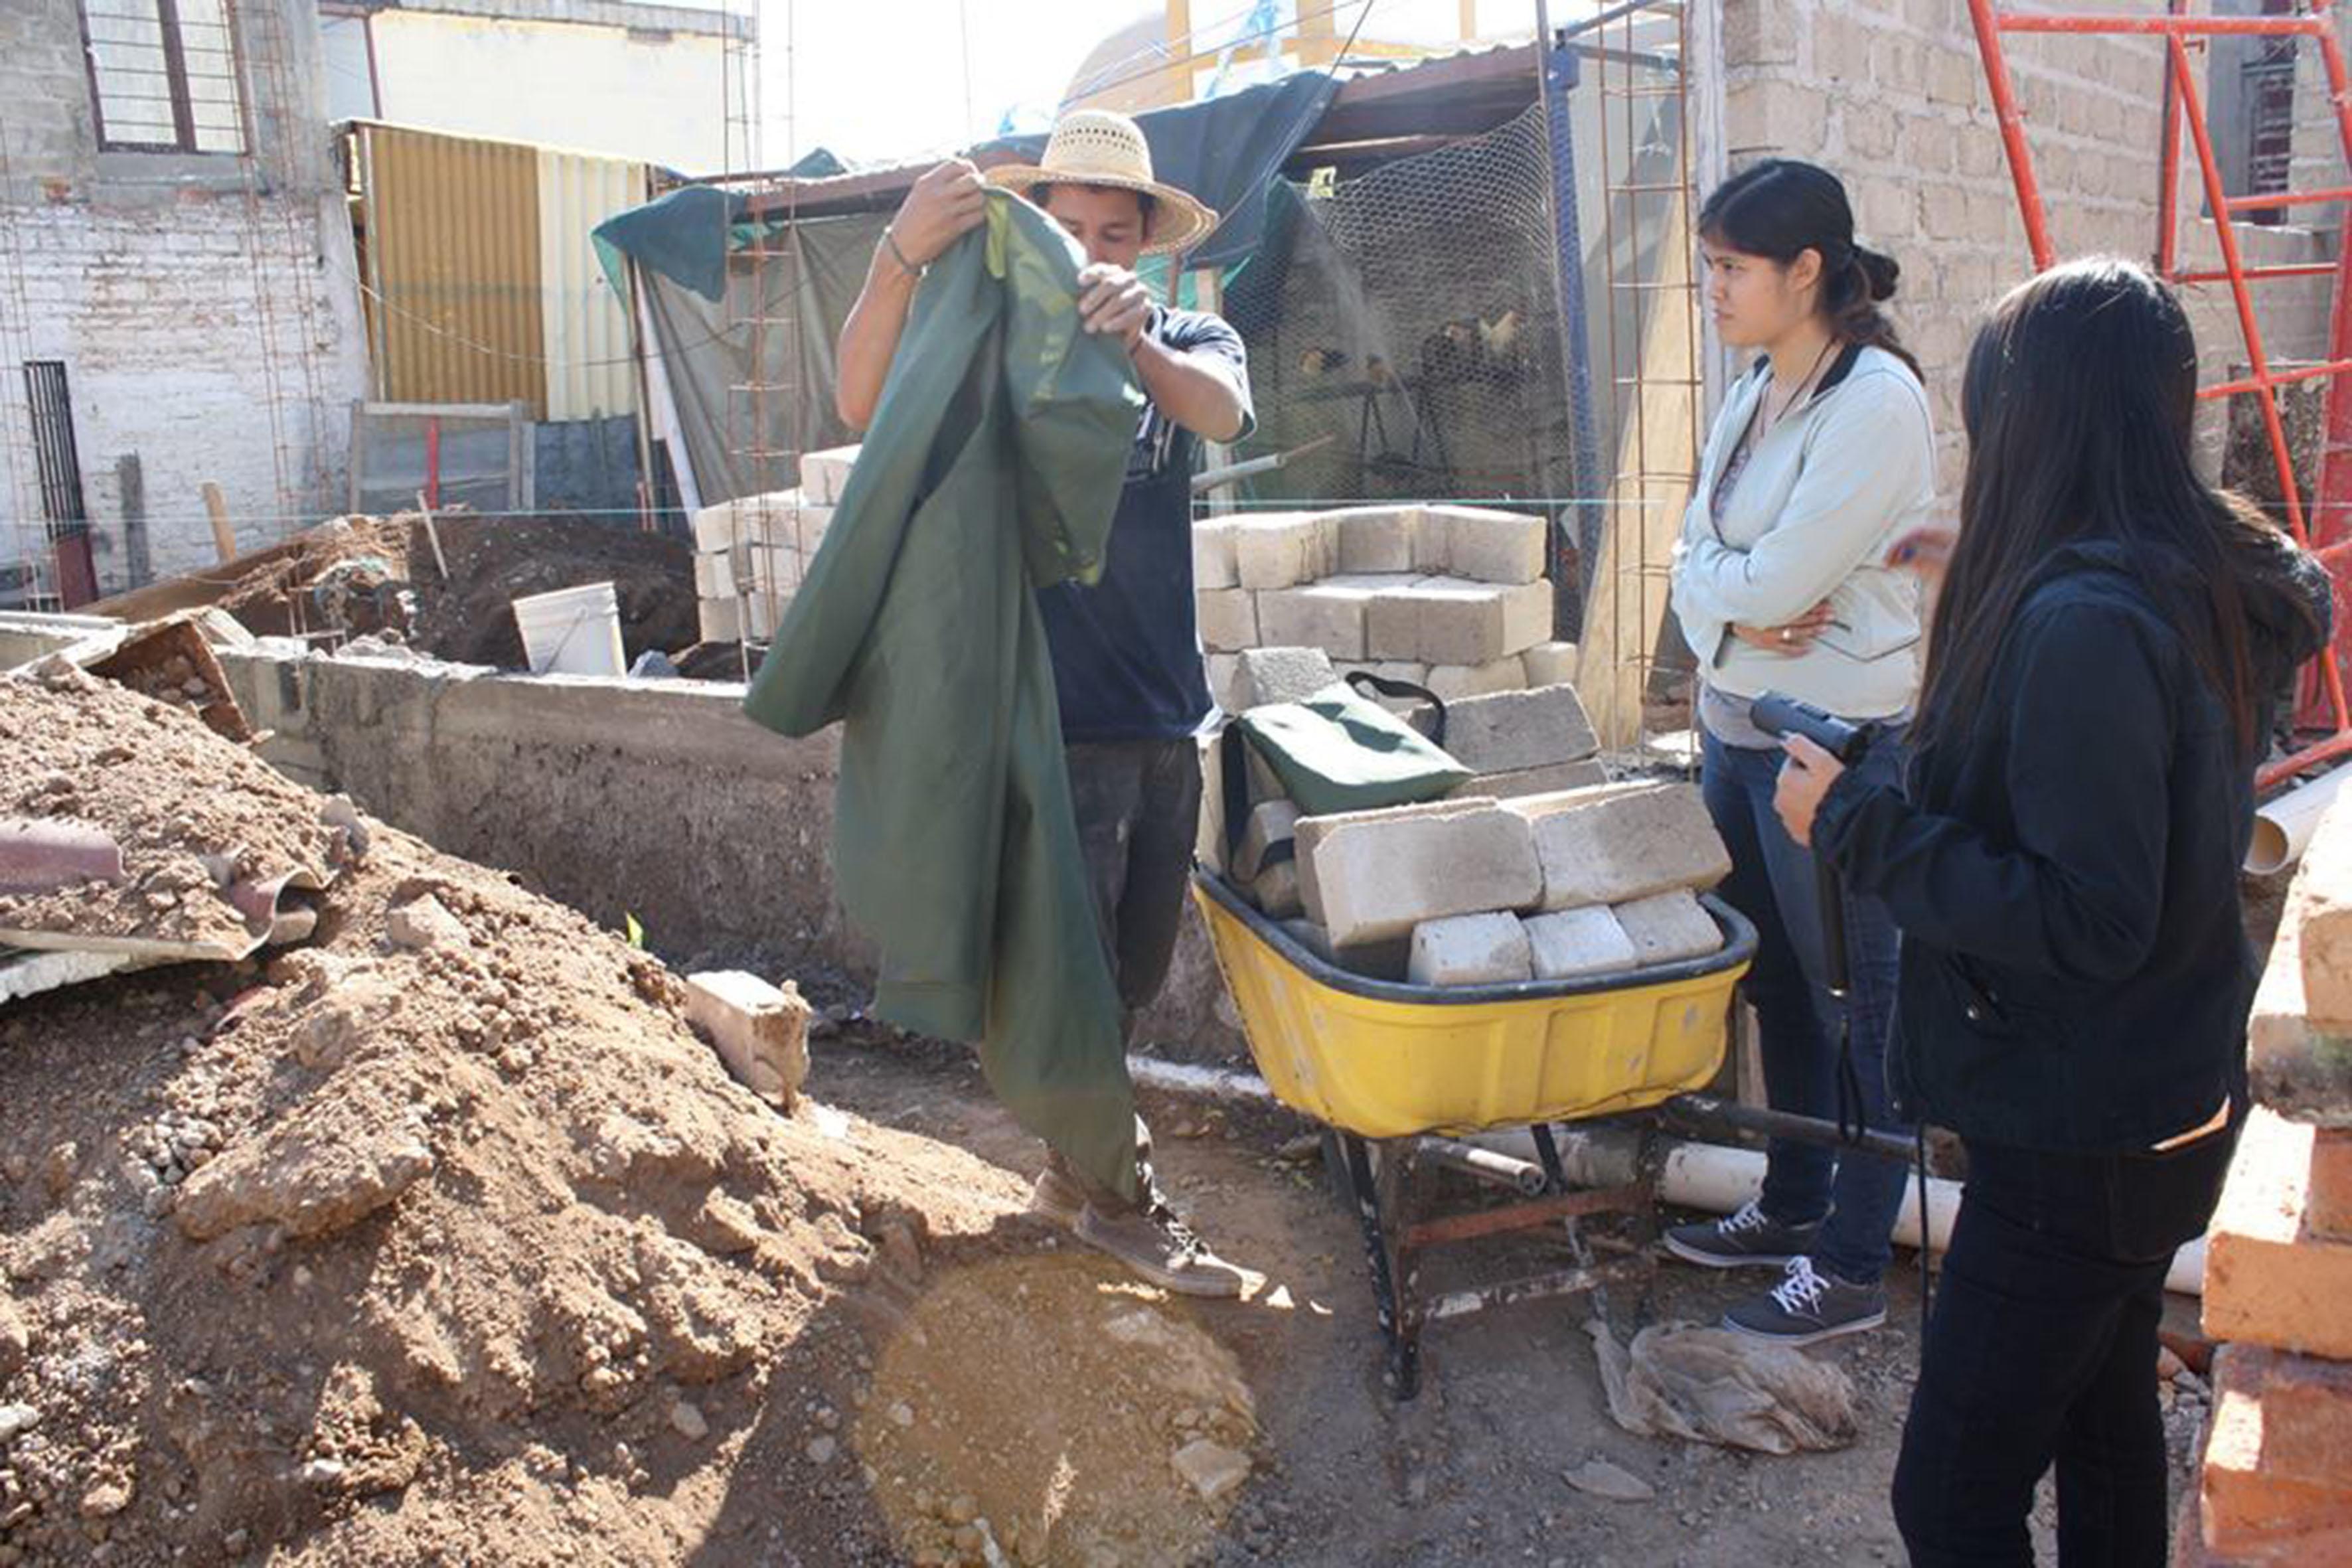 Trabajador de la construcción observando la capa kanan que le fue propocionada por estudiantes del CUAAD para probársela.